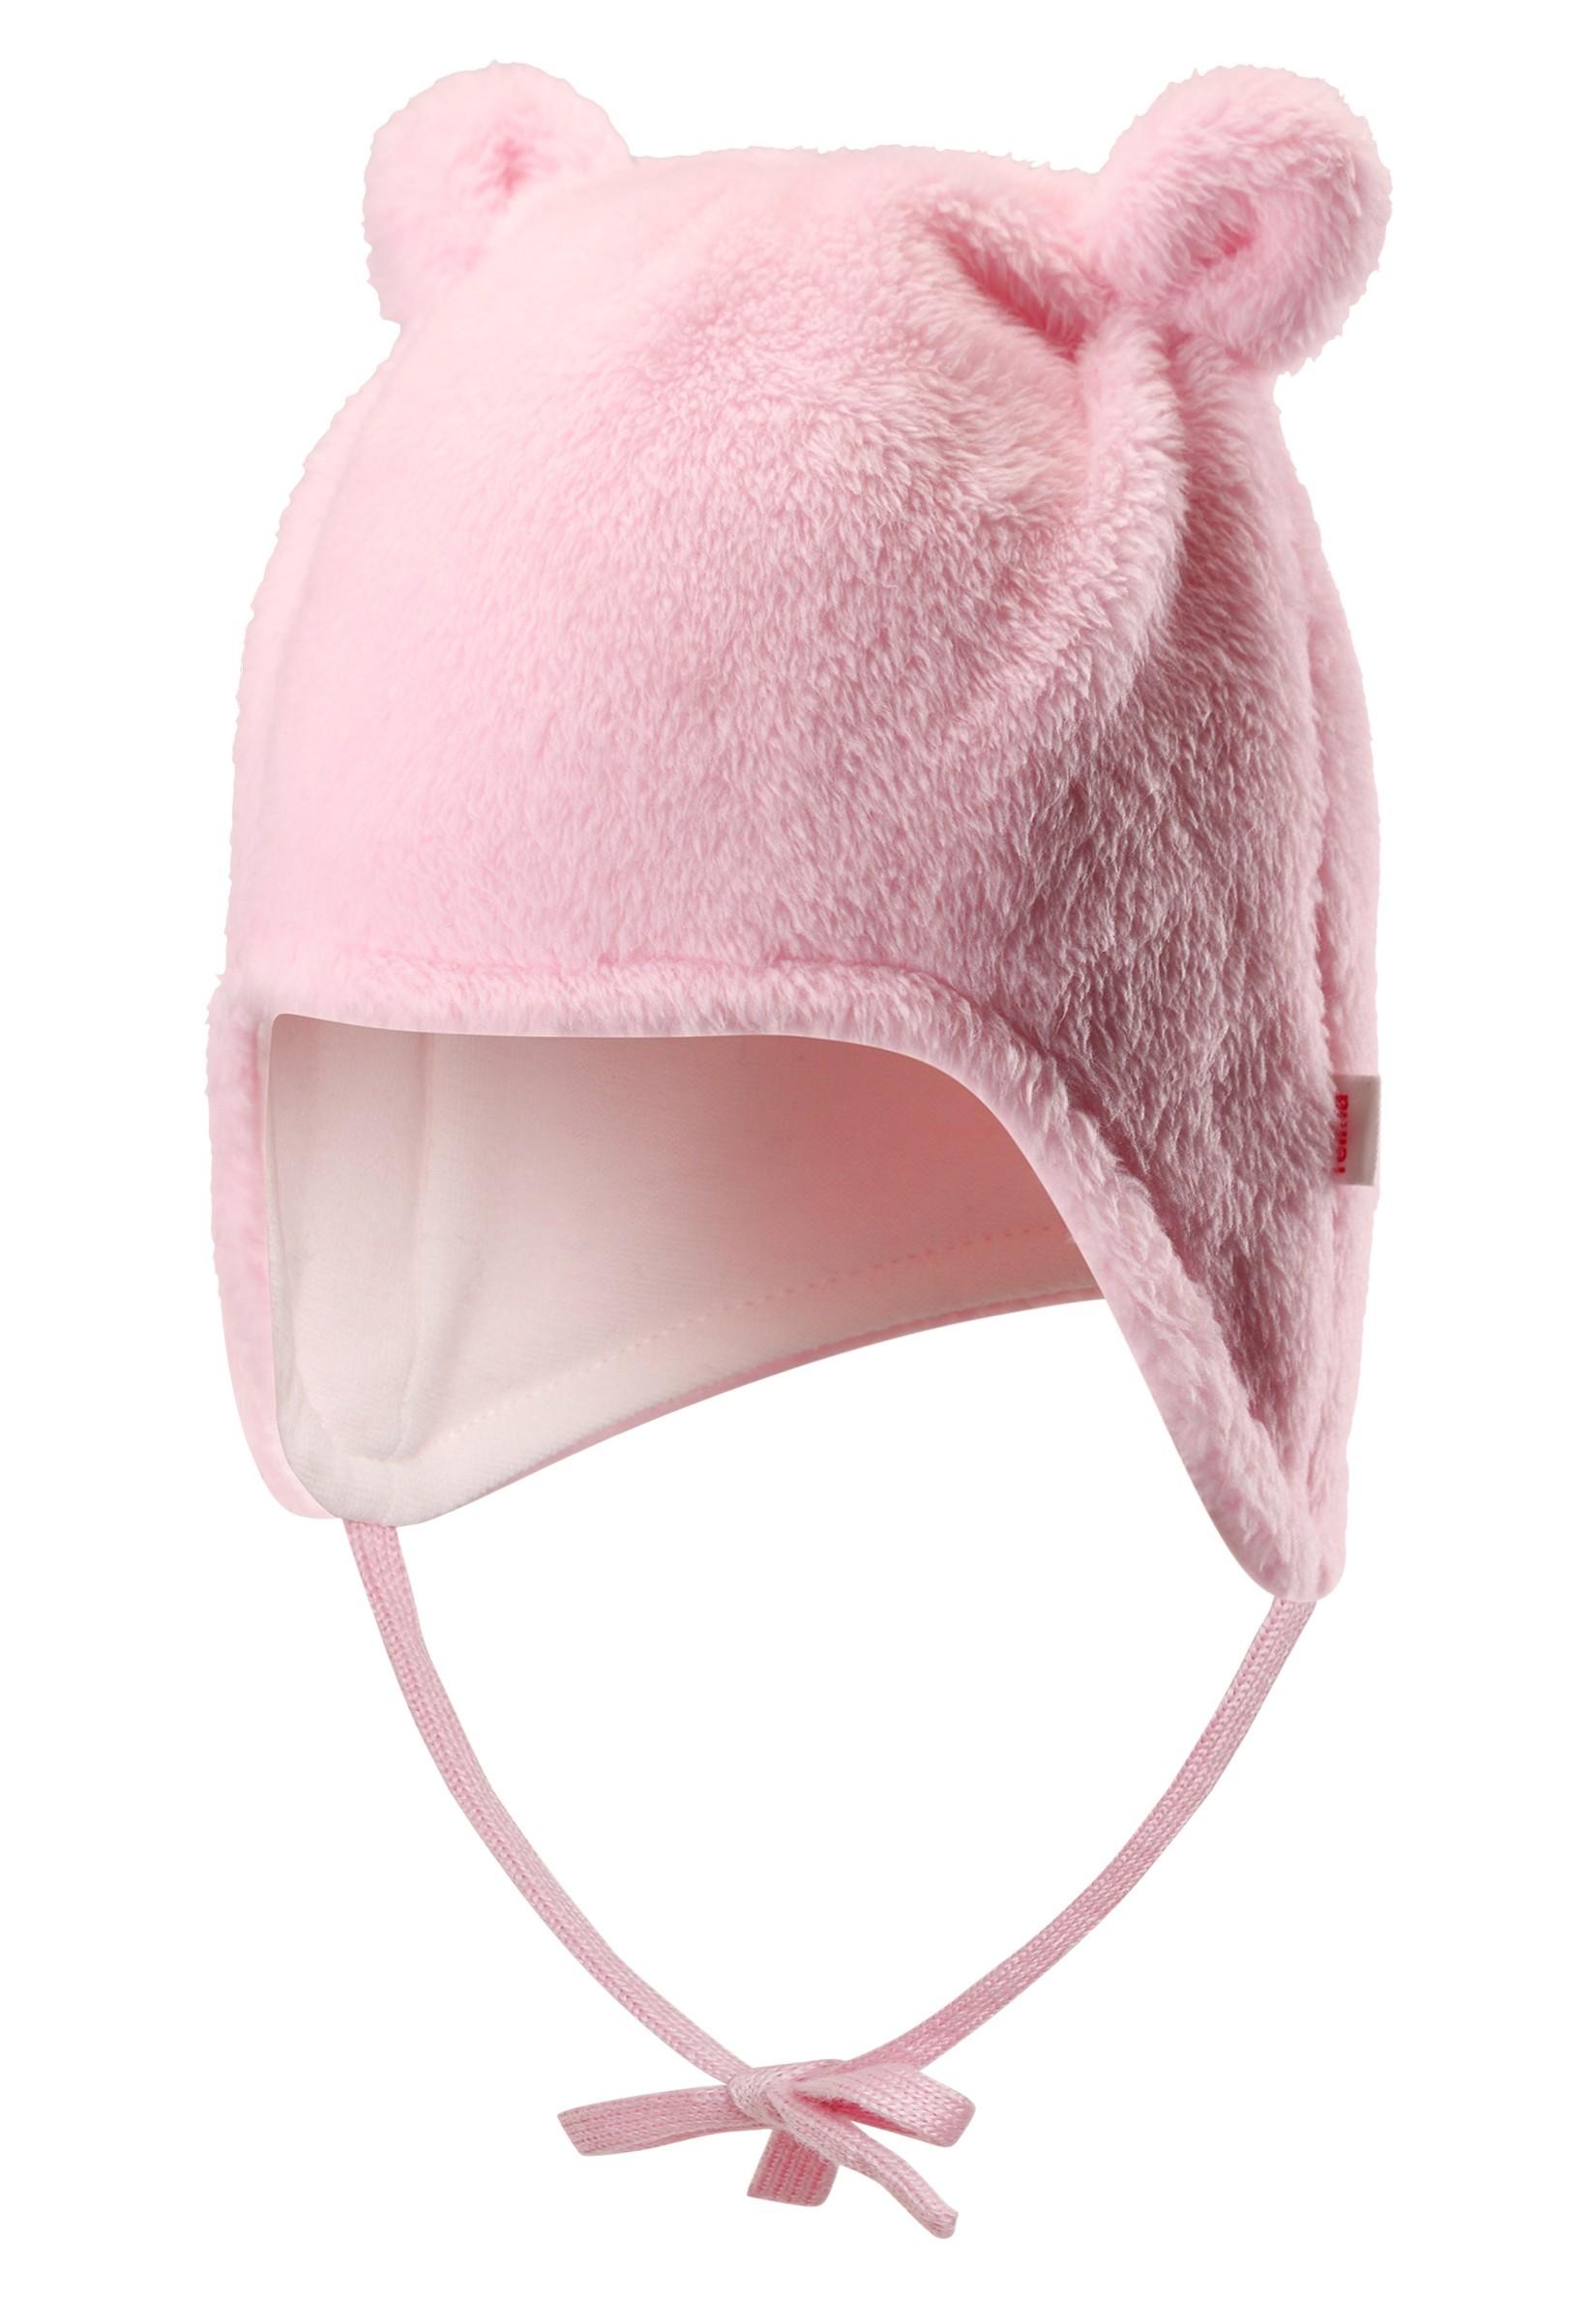 Головные уборы Reima Шапка для девочки Reima розовая